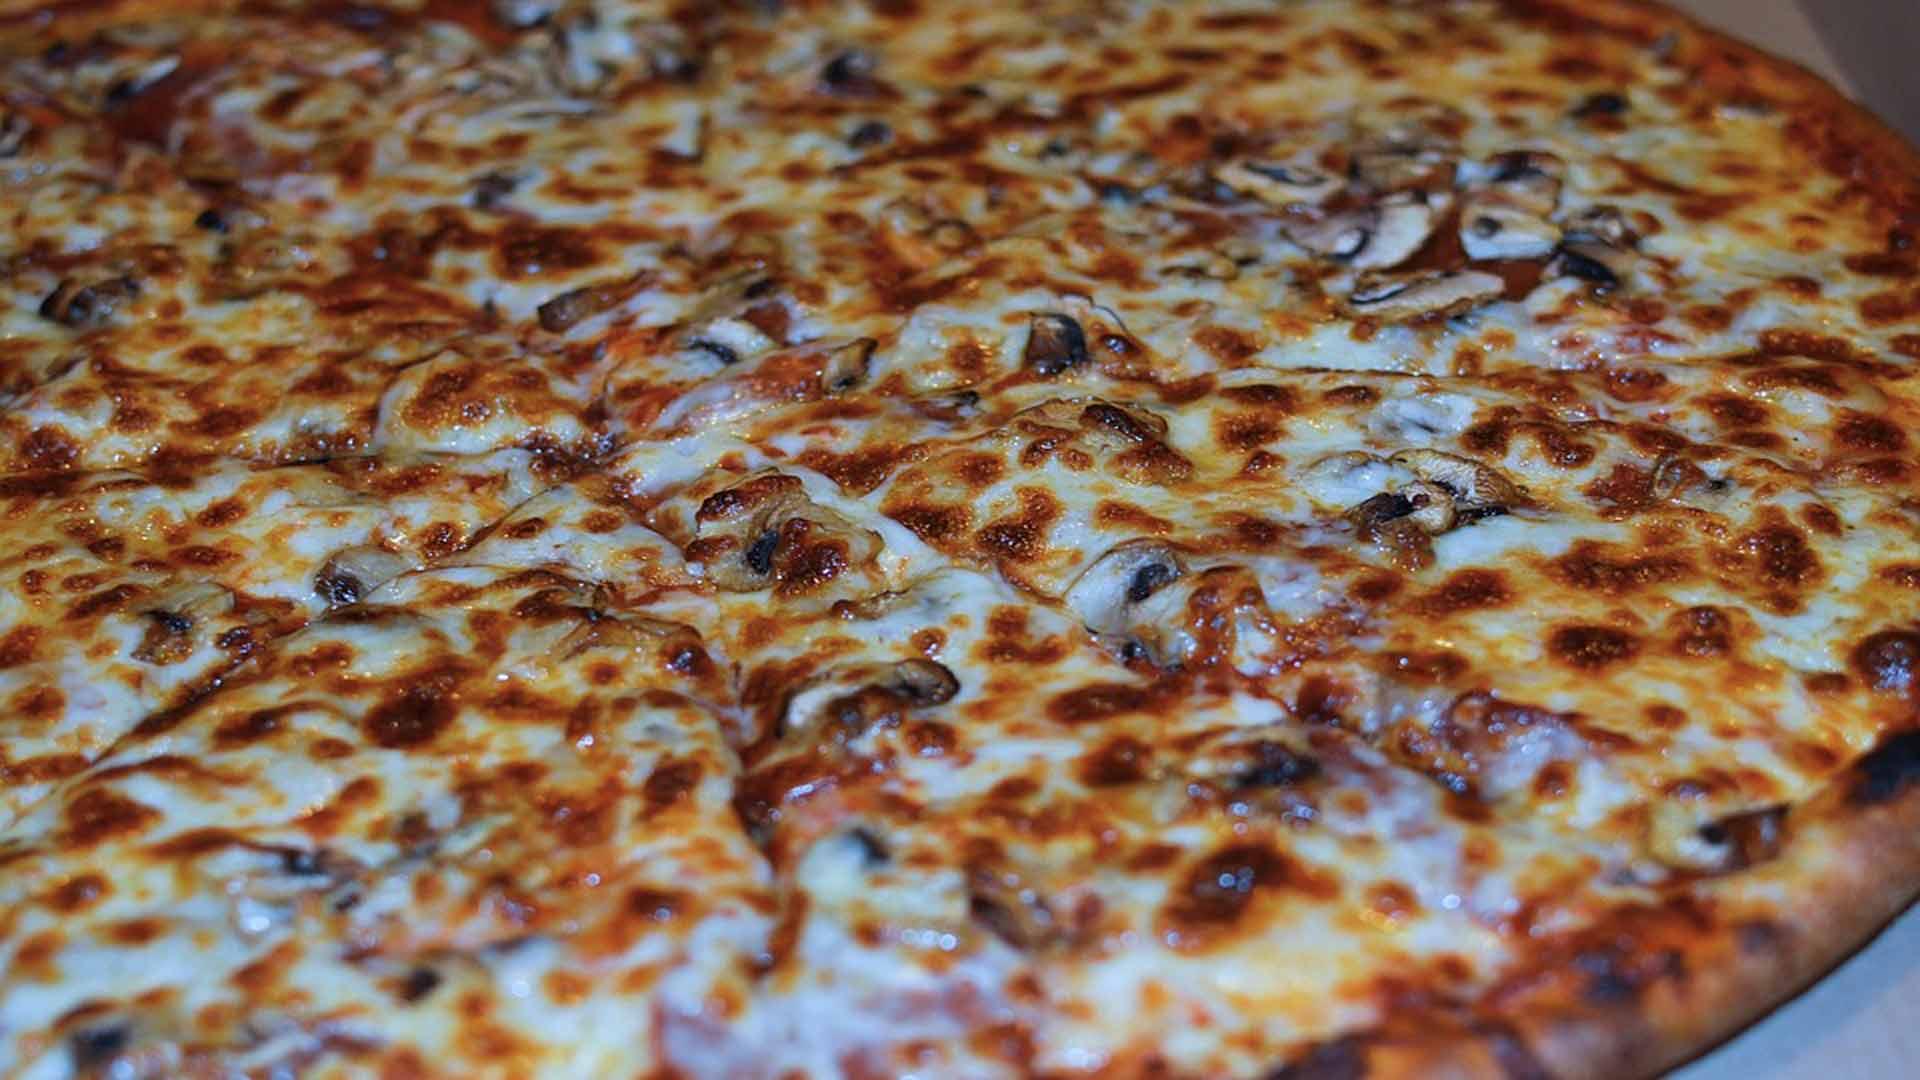 te-toca-pizza-este-fin-de-semana-1920